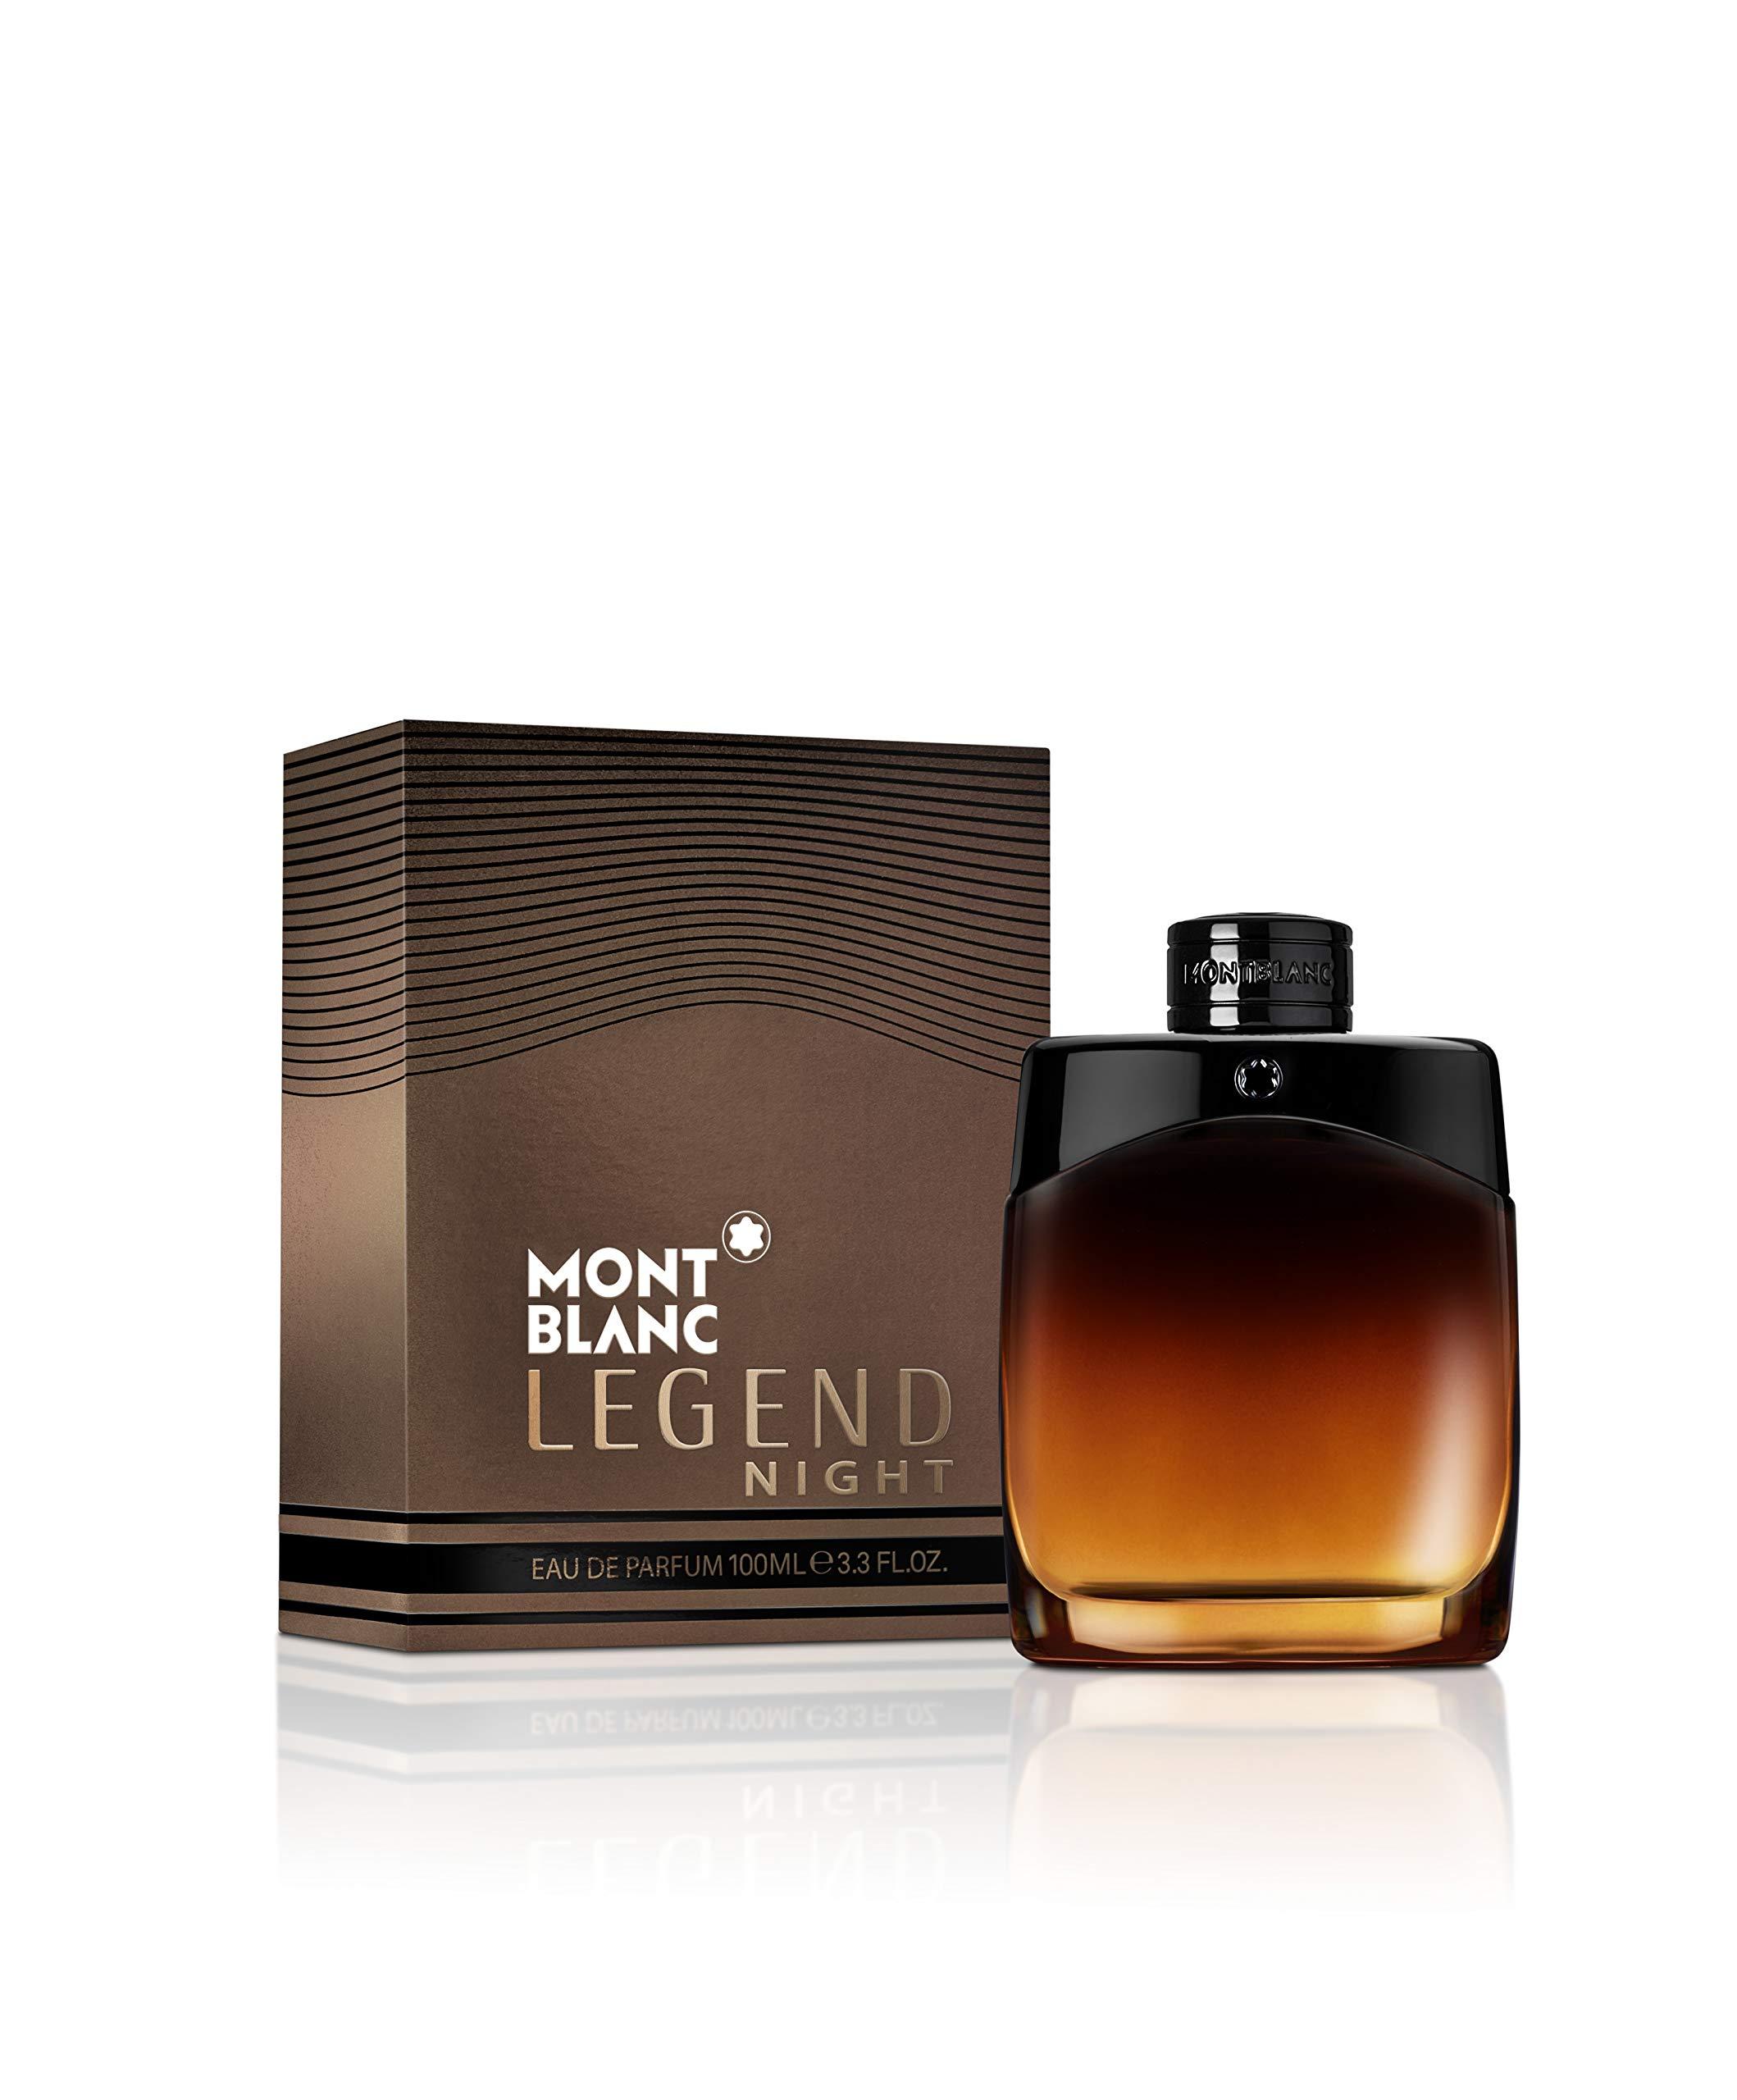 MONTBLANC Legend Night Eau De Parfum, 3.3 Fl Oz by MONTBLANC